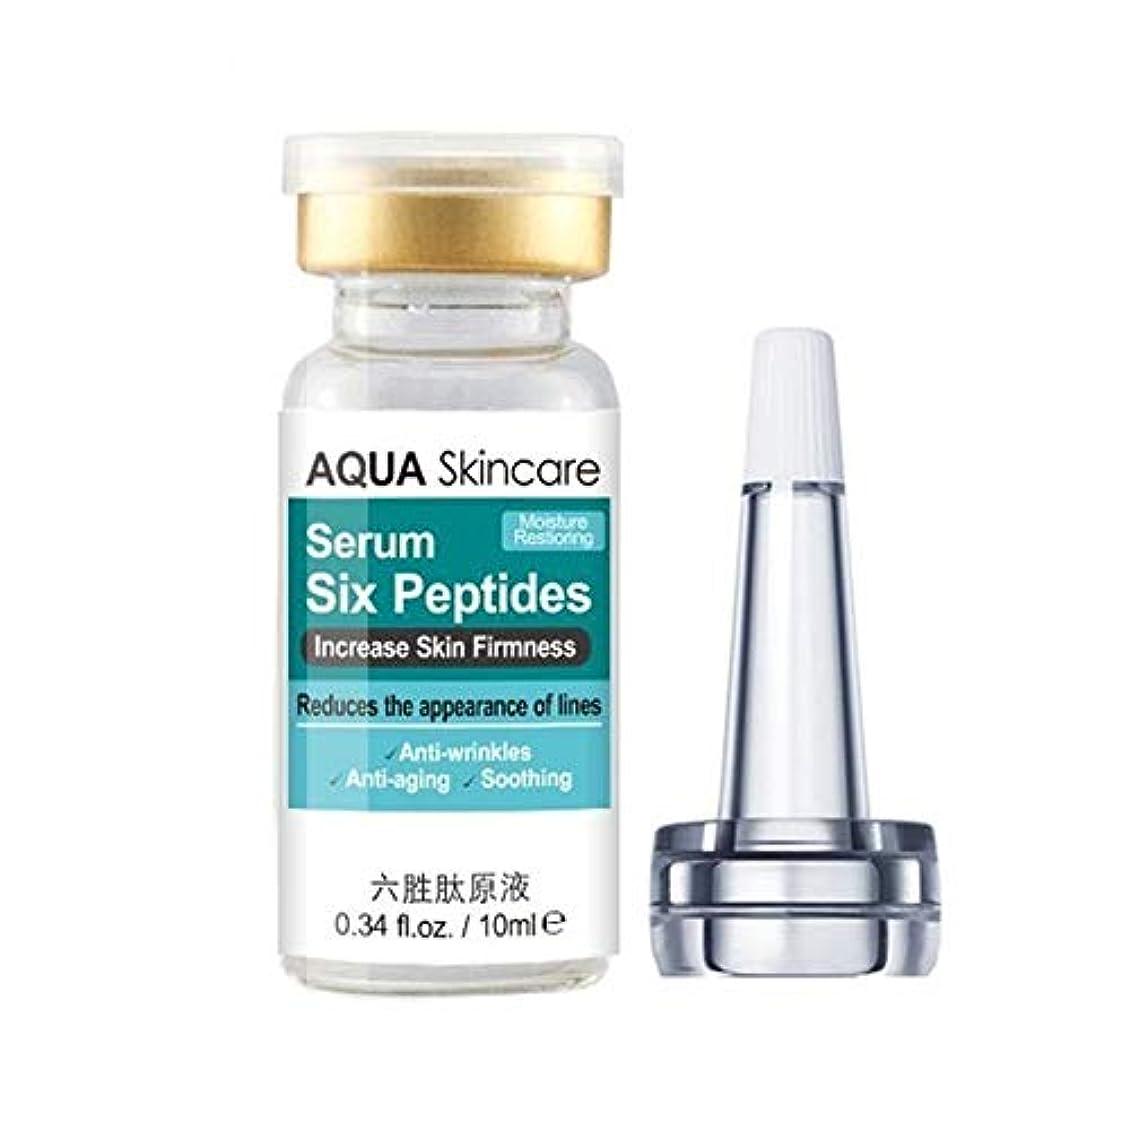 大臣ヘルパーデマンドペプチドストック溶液、シワ防止フェイシャルケア水和性6つのペプチド血清スムースファインライン引き締め肌を明るくするメラニンアレギニンヒアルロン酸オリジナルリキッドエッセンス